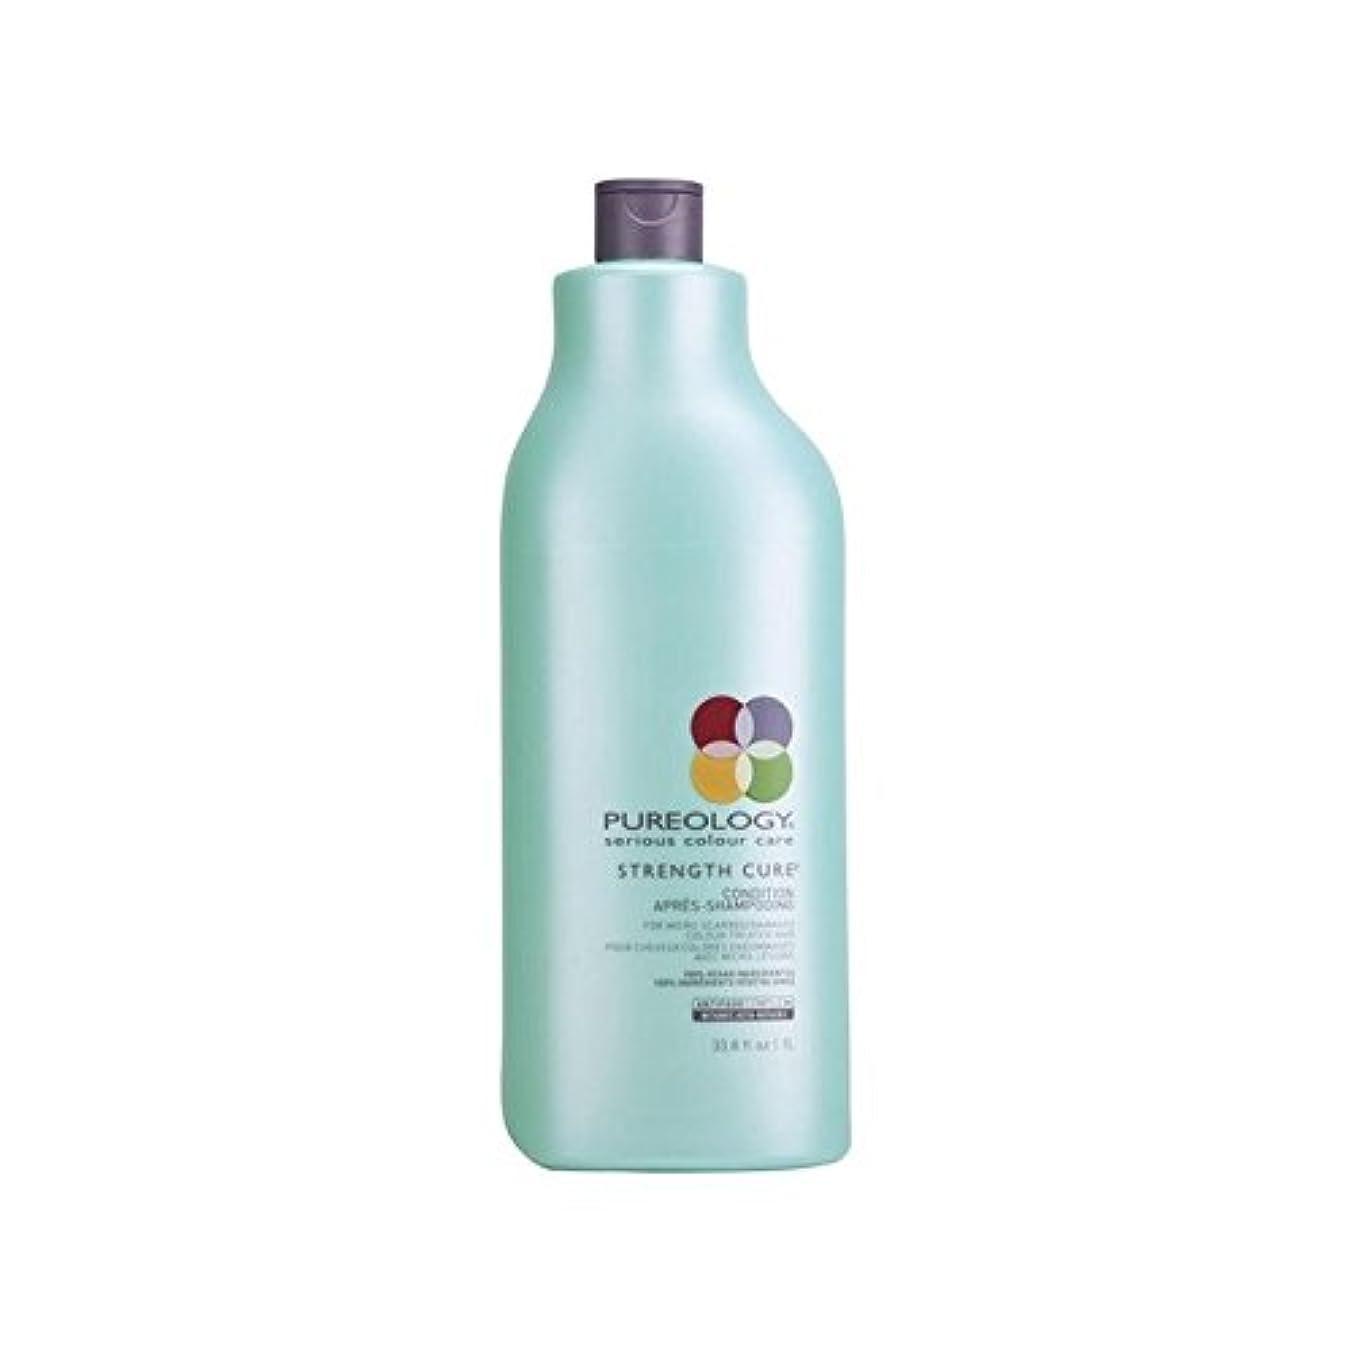 広告主クレデンシャル方法強度硬化コンディショナー(千ミリリットル) x4 - Pureology Strength Cure Conditioner (1000ml) (Pack of 4) [並行輸入品]